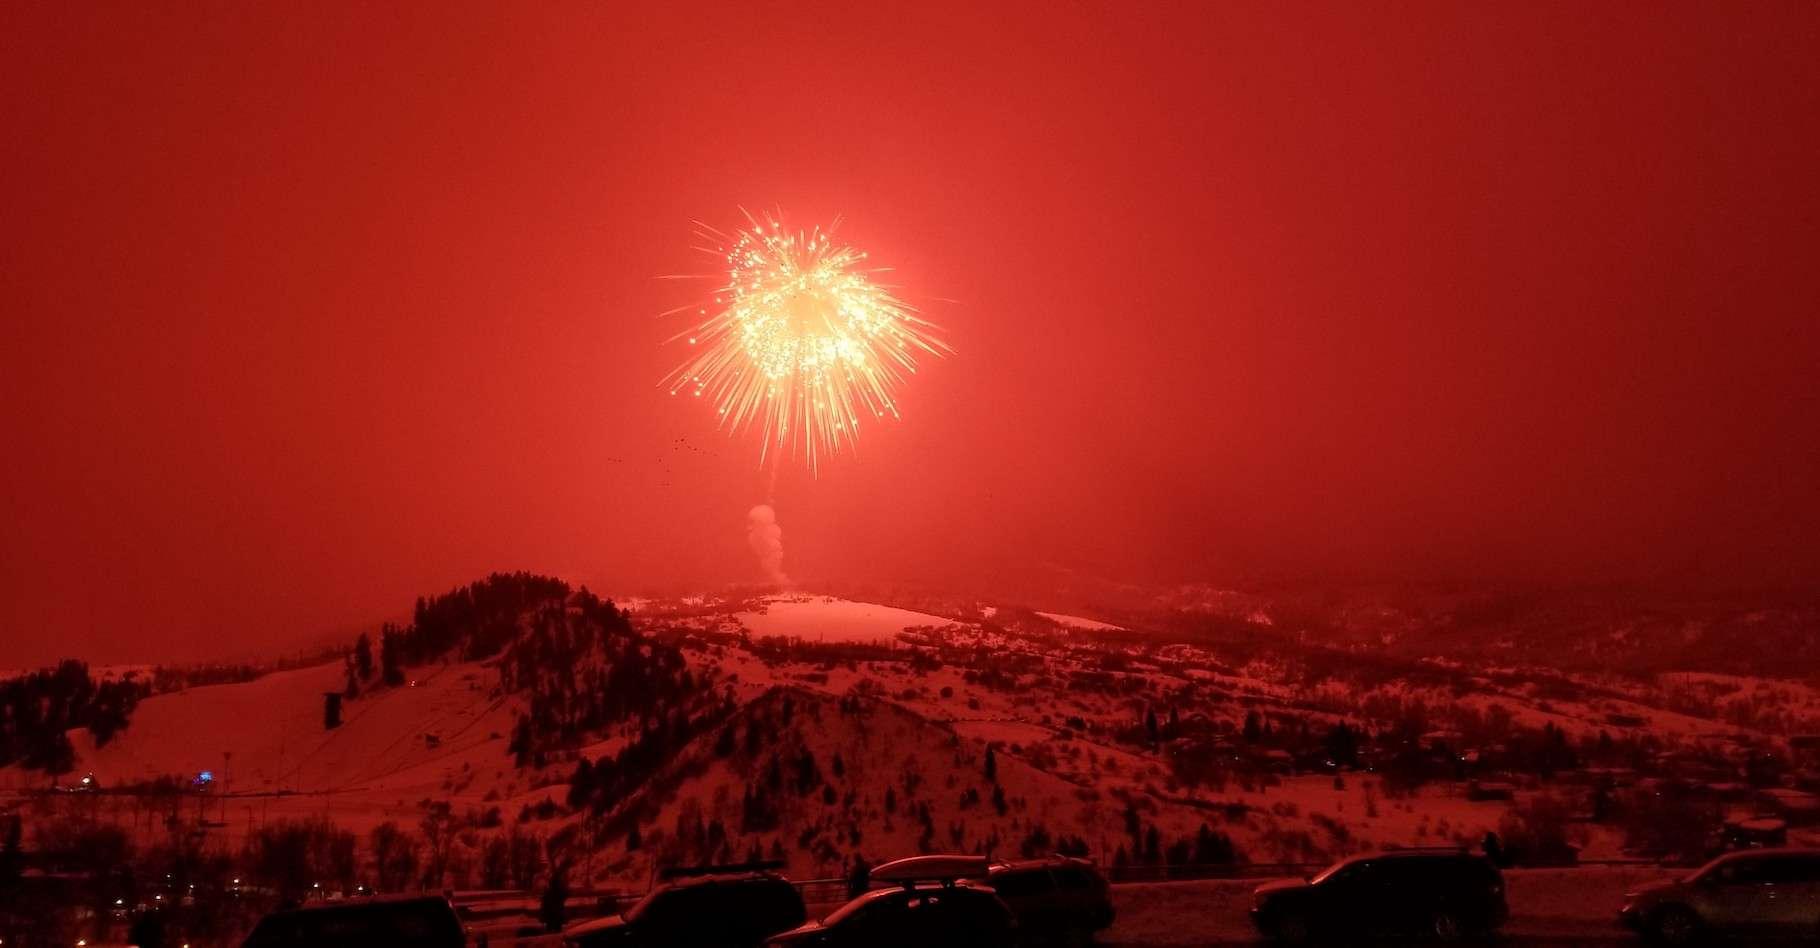 C'est à Steamboat Springs, dans le Colorado (États-Unis), que le record de la plus grosse pièce de feu d'artifice a été battu ce samedi. © Steamboat Fireworks